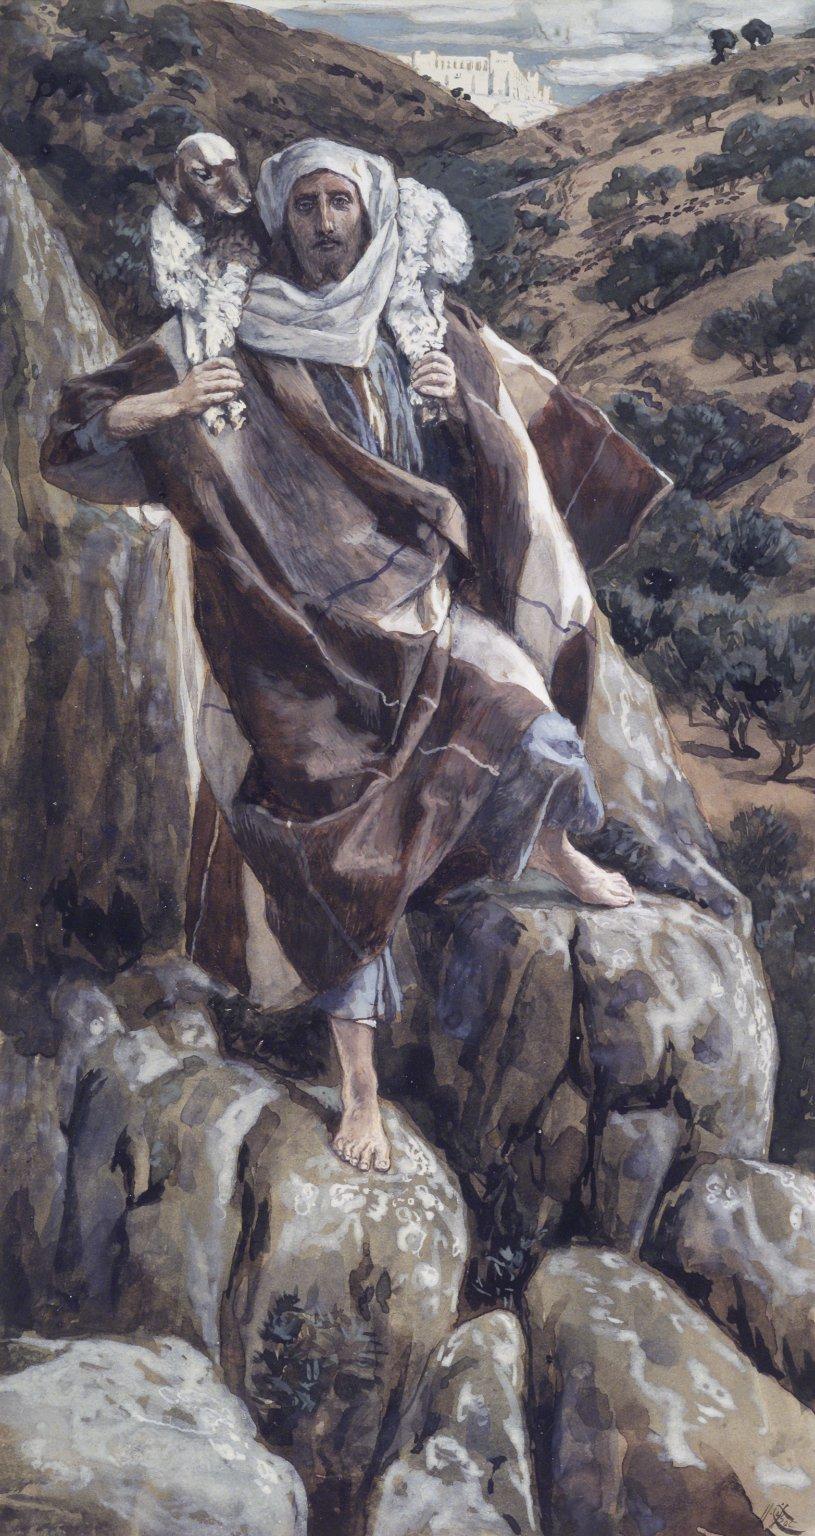 루시아 축일(12.13.) 후 첫 금요일 2 – 수도자의 성소(聖召)를 위한 동계재일